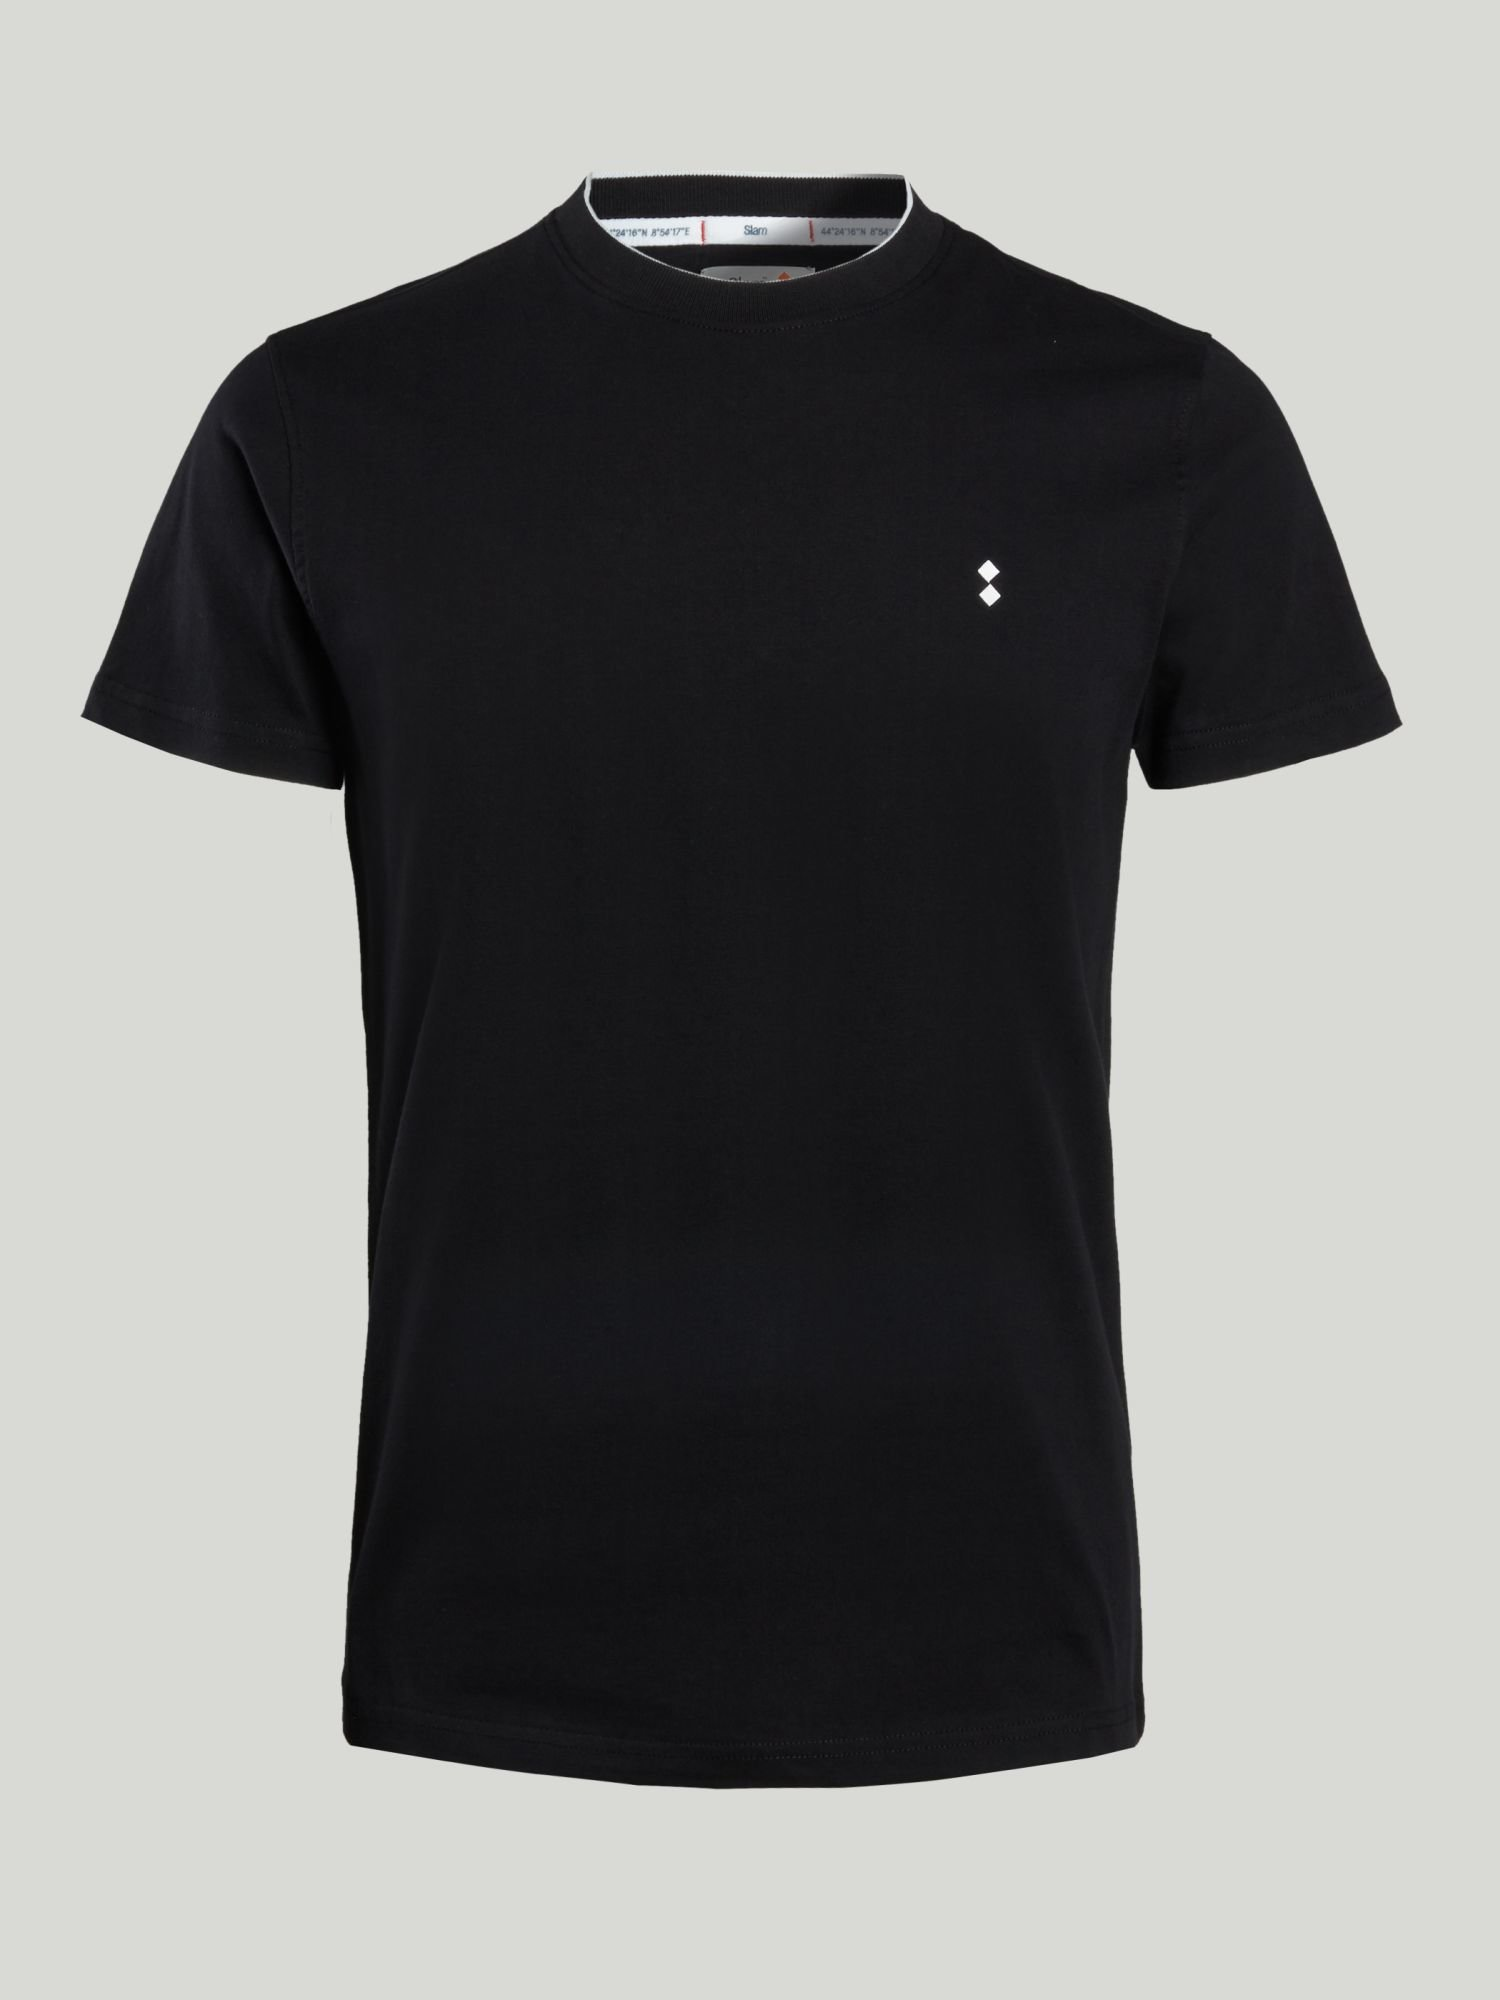 T-Shirt A220 - Schwarz